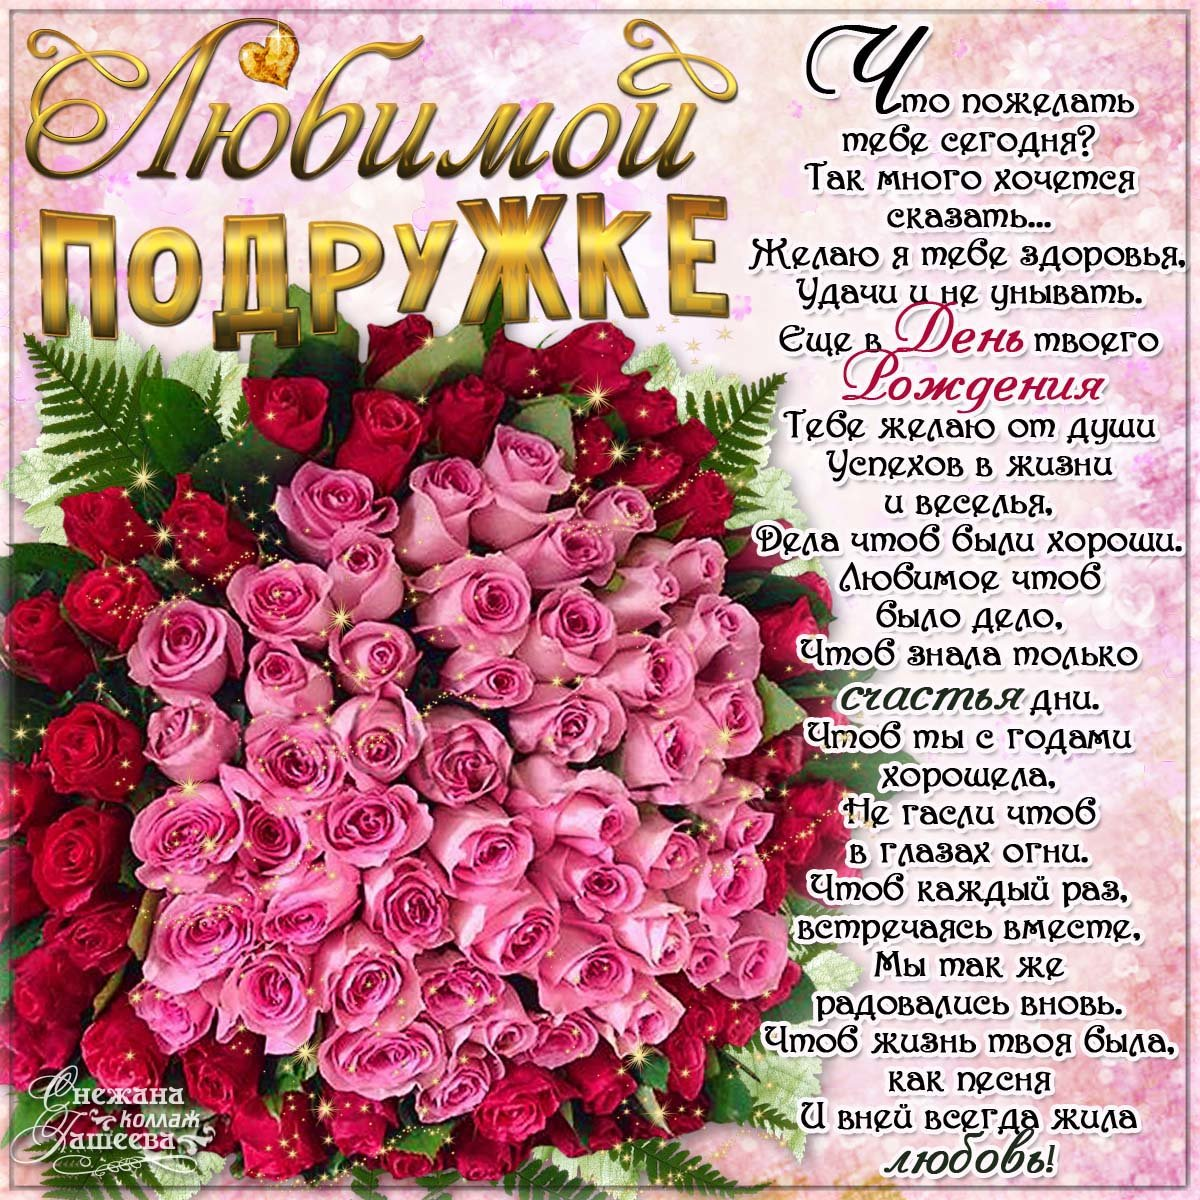 Поздравление с днём рождения галина женщине в стихах красивые фото 748